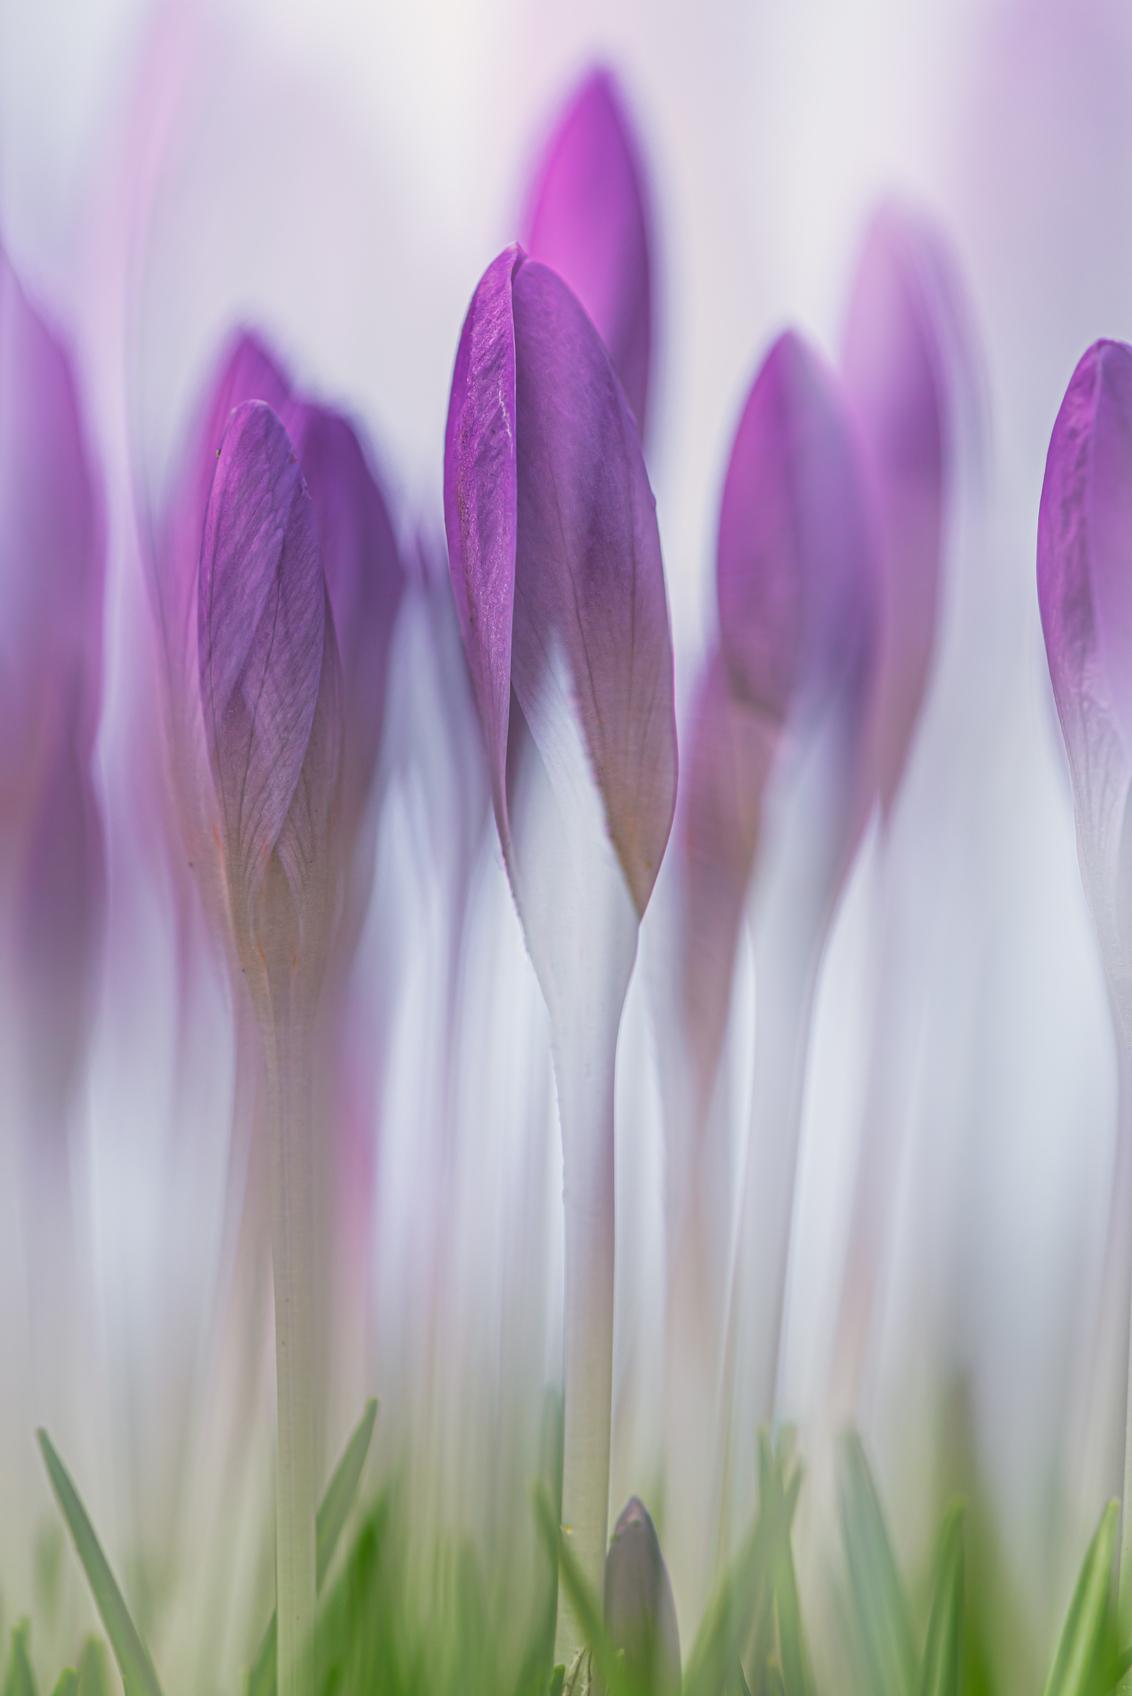 Crocus - - - foto door Juarna op 04-03-2021 - deze foto bevat: bloem, abstract, bewerking, sfeer, creatief, lightroom, nik